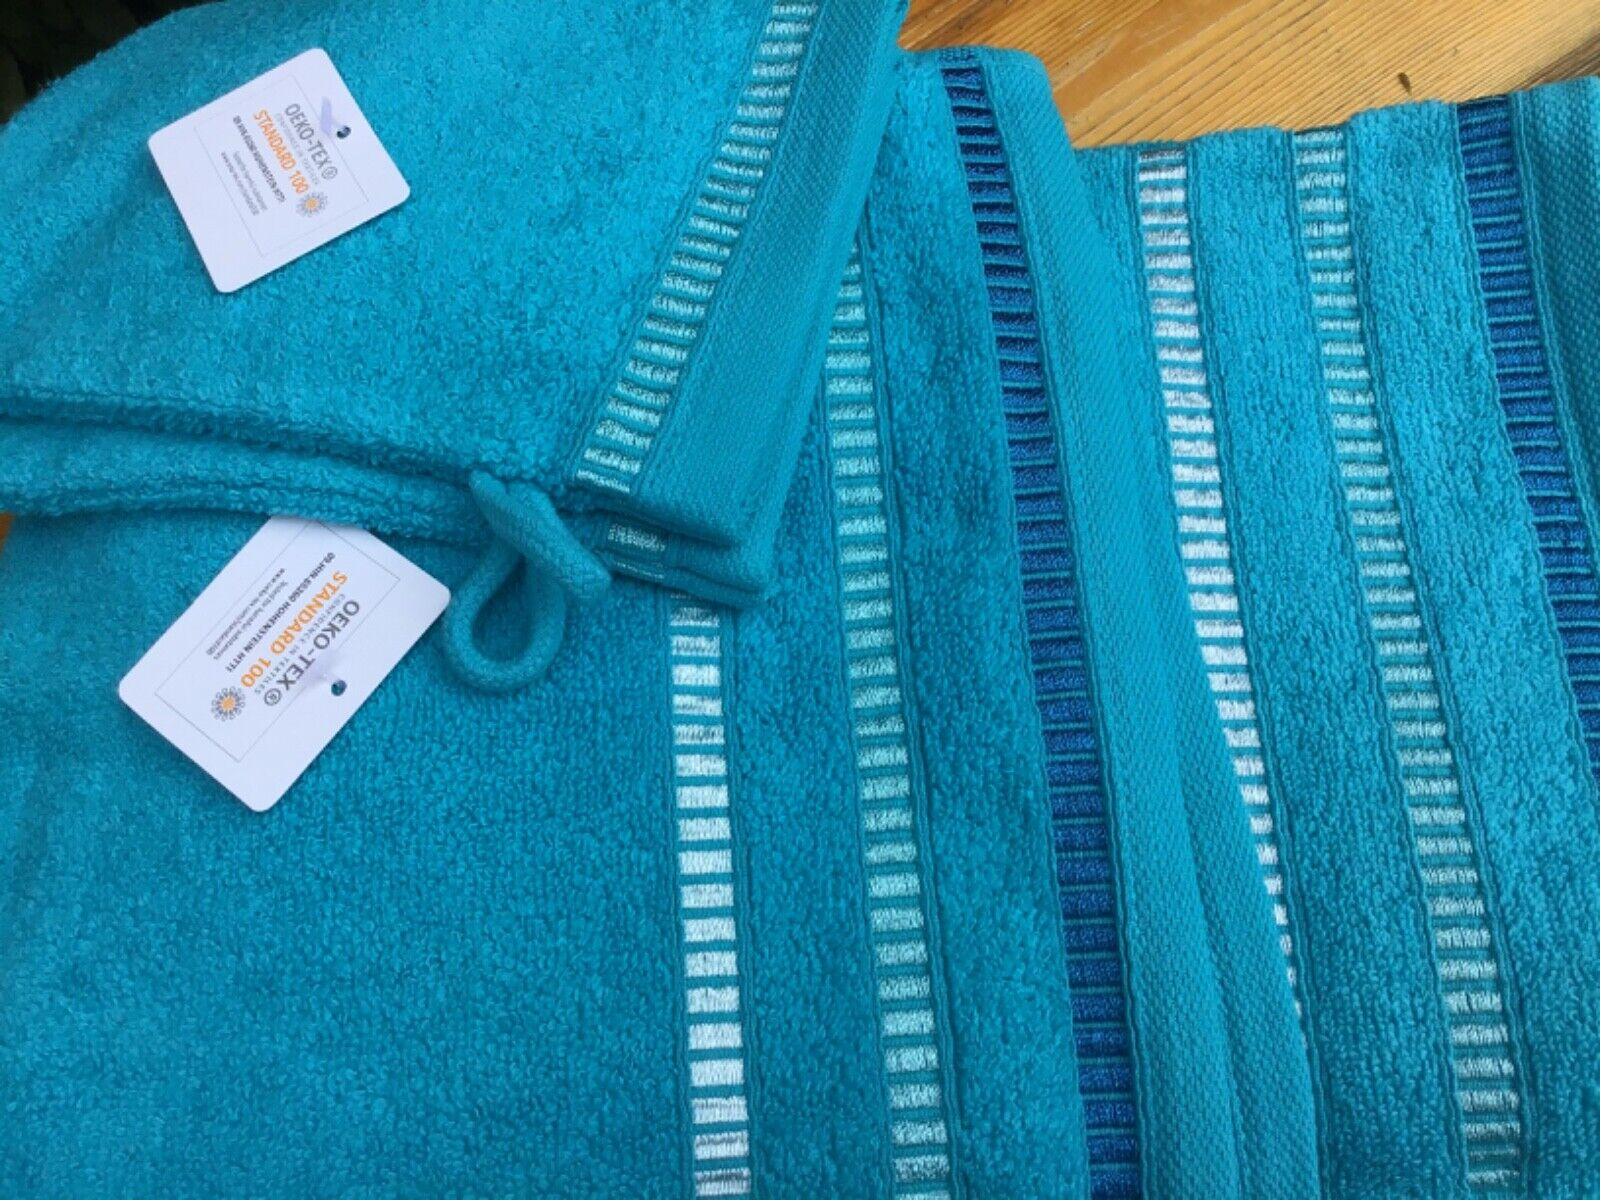 SEEDÜNE Handtuch-Set Türkis Glanzbordüre 100% Baumwolle 6tlg. Duschstuch QVC Neu